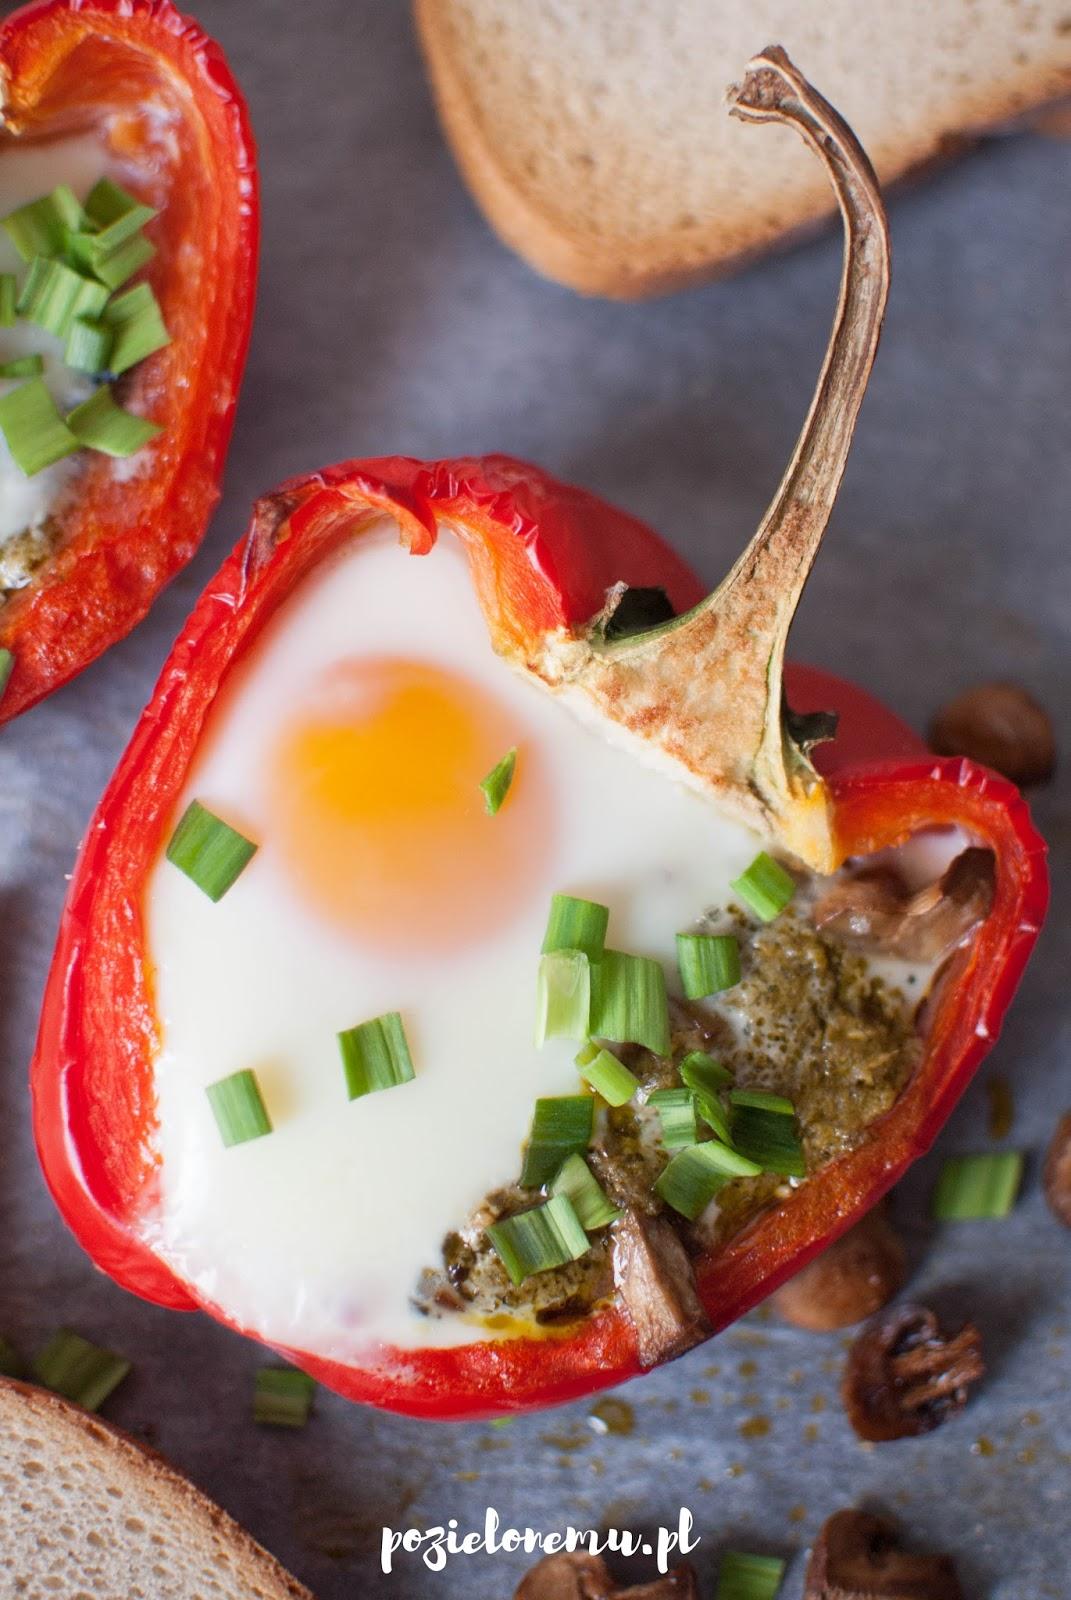 Jajka zapiekane w papryce